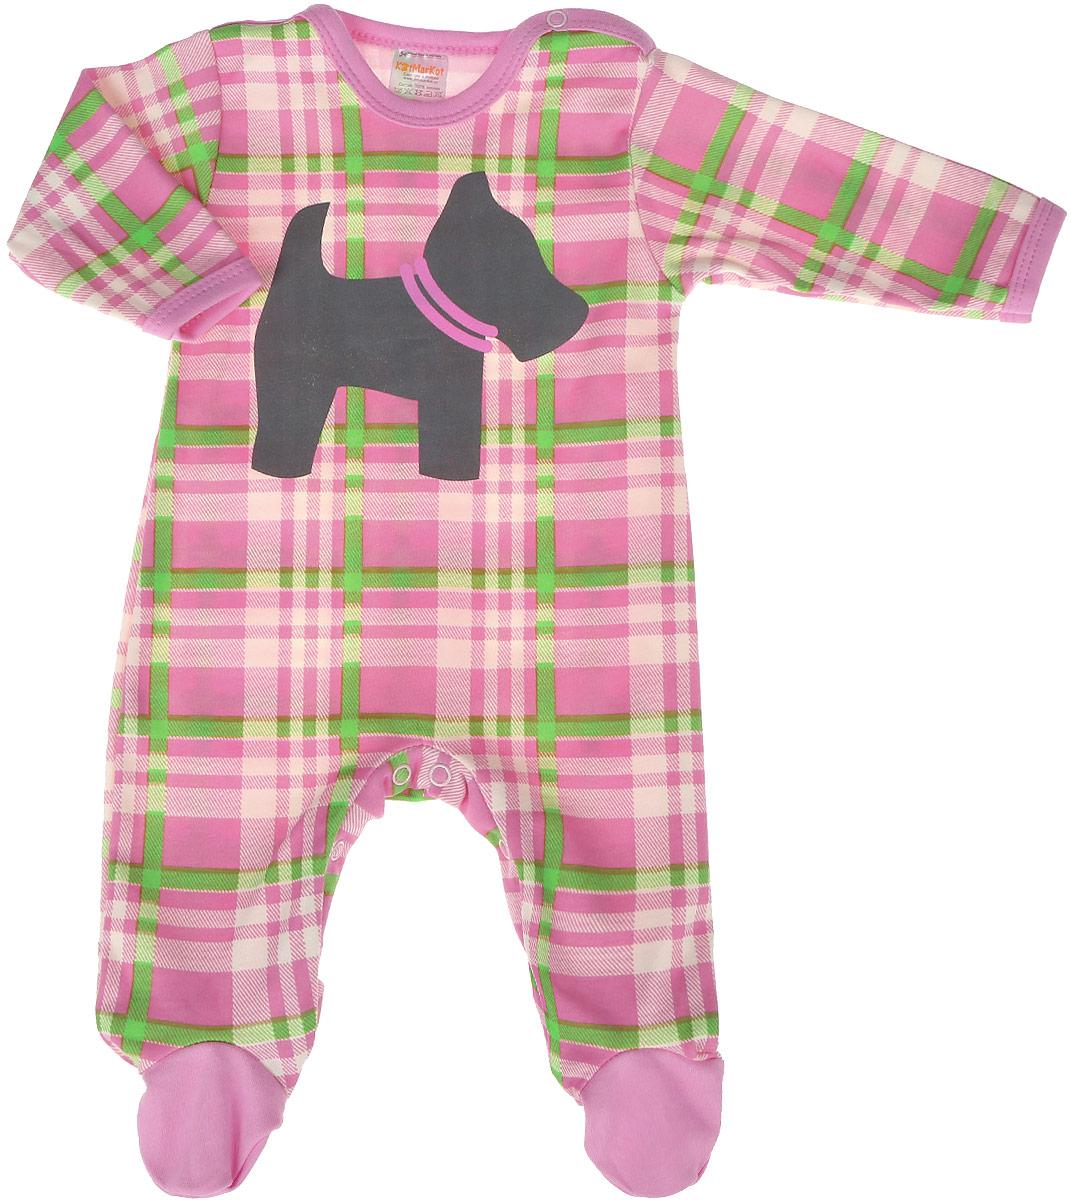 Комбинезон домашний для девочки КотМарКот, цвет: розовый. 6413. Размер 626413Комбинезон домашний для девочки КотМарКот выполнен из качественного материала. Модель с длинными рукавами застегивается на кнопки.